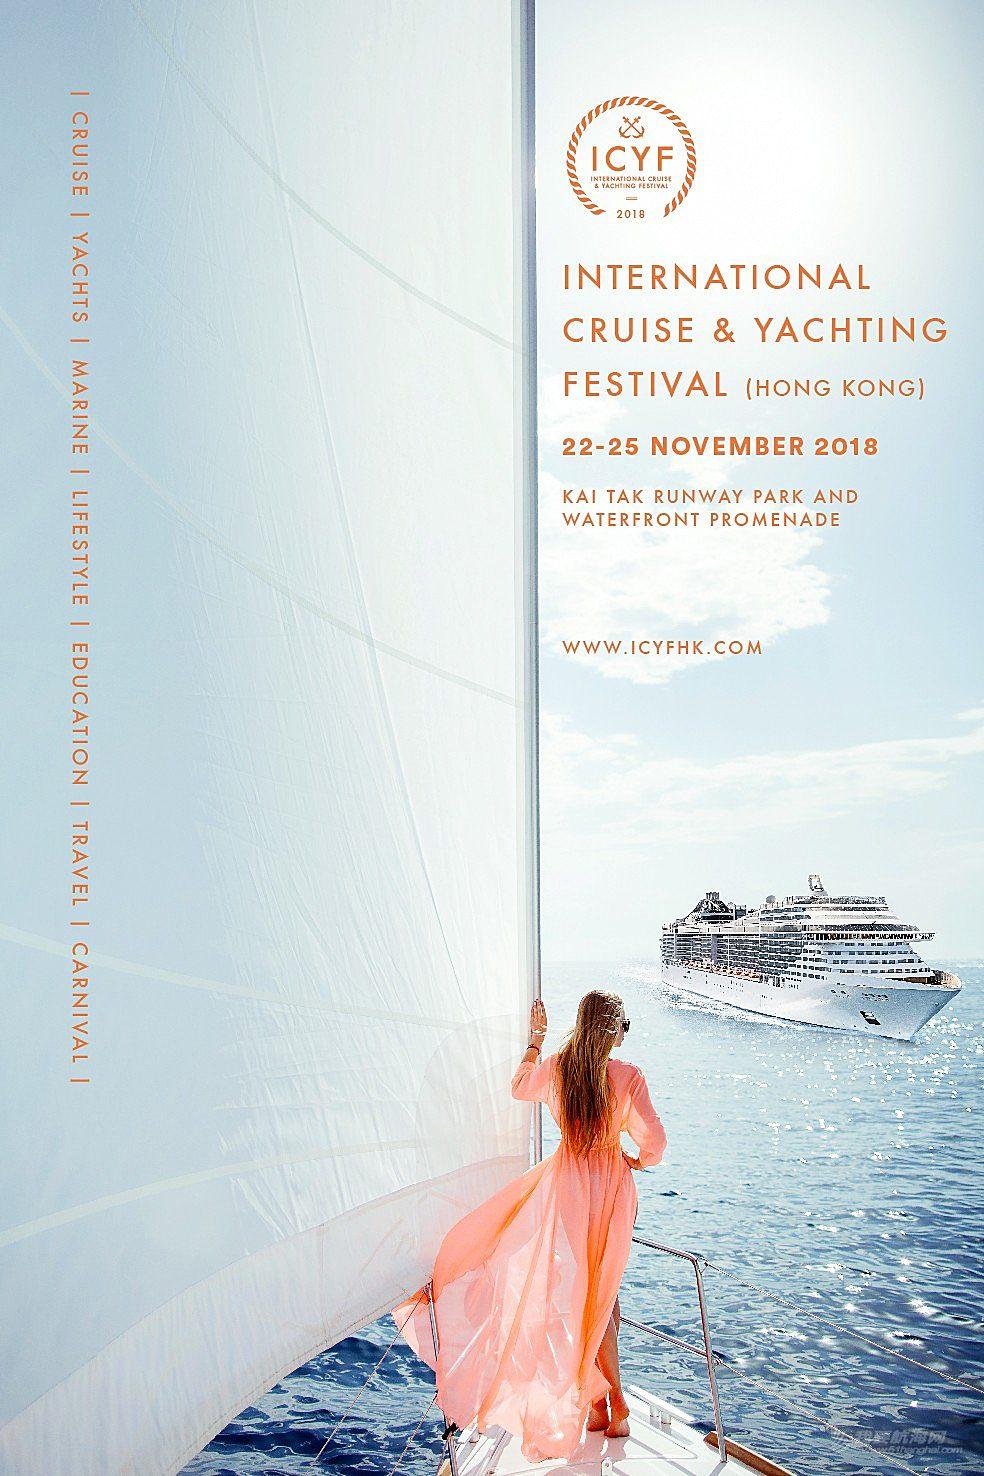 """香港首屆「國際郵輪遊艇節 2018」 對接""""一帶一路"""" 引領產業發展 開創海洋新經濟圈"""